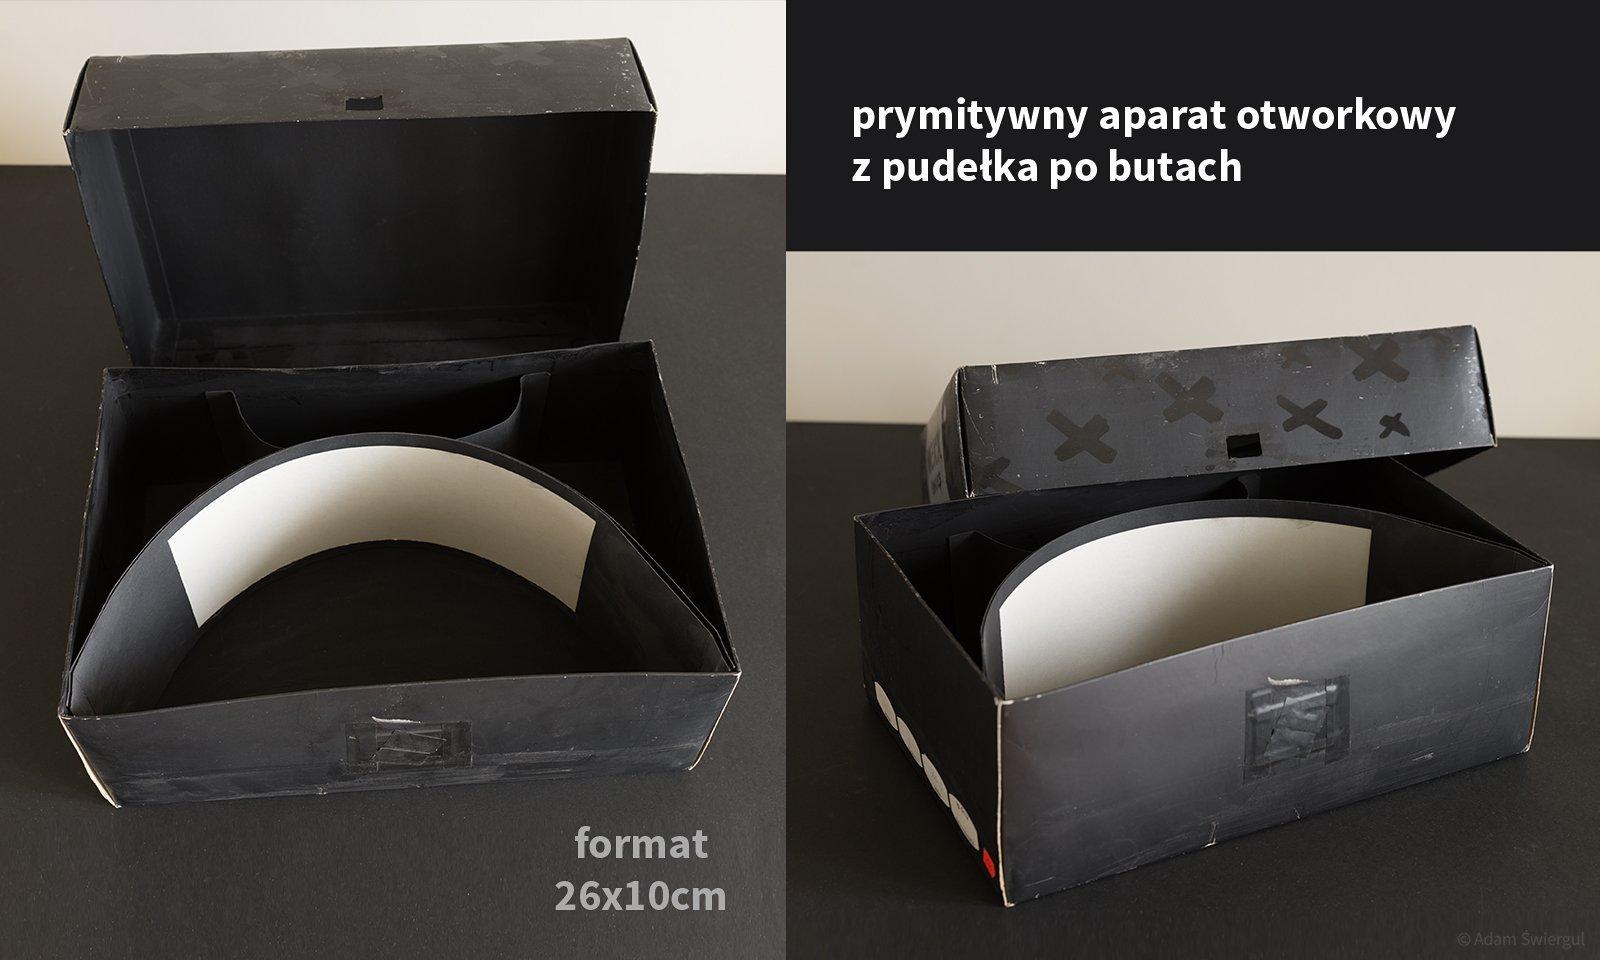 Aparat otworkowy z pudełka po butach